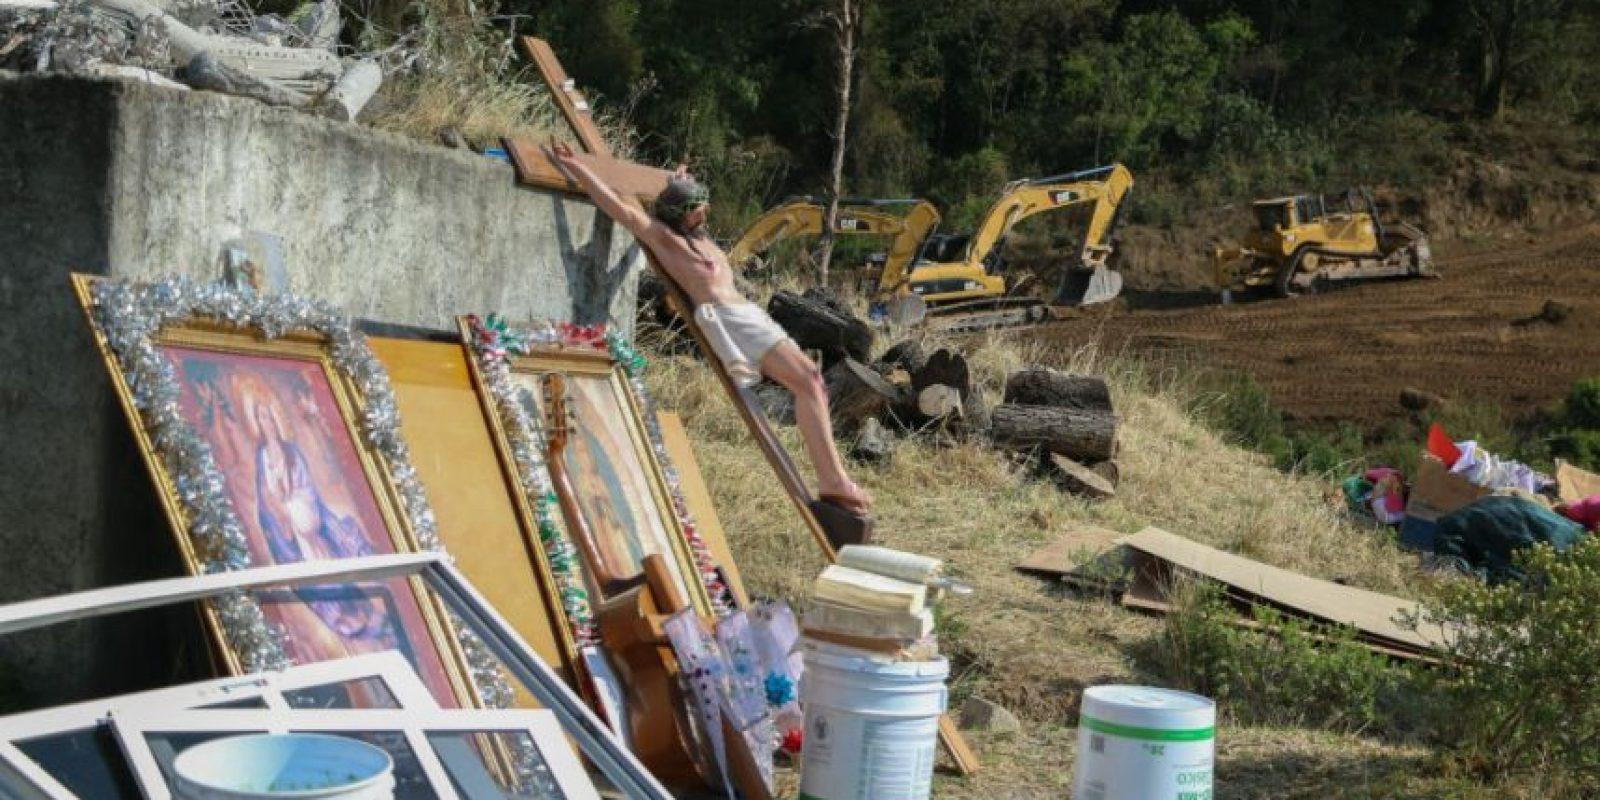 Los pobladores se oponían a esta obra por la devastación y afectación que sufriría el paraje conocido como Bosque de Agua, donde se recarga el acuífero del río Lerma. Foto:Cuartoscuro